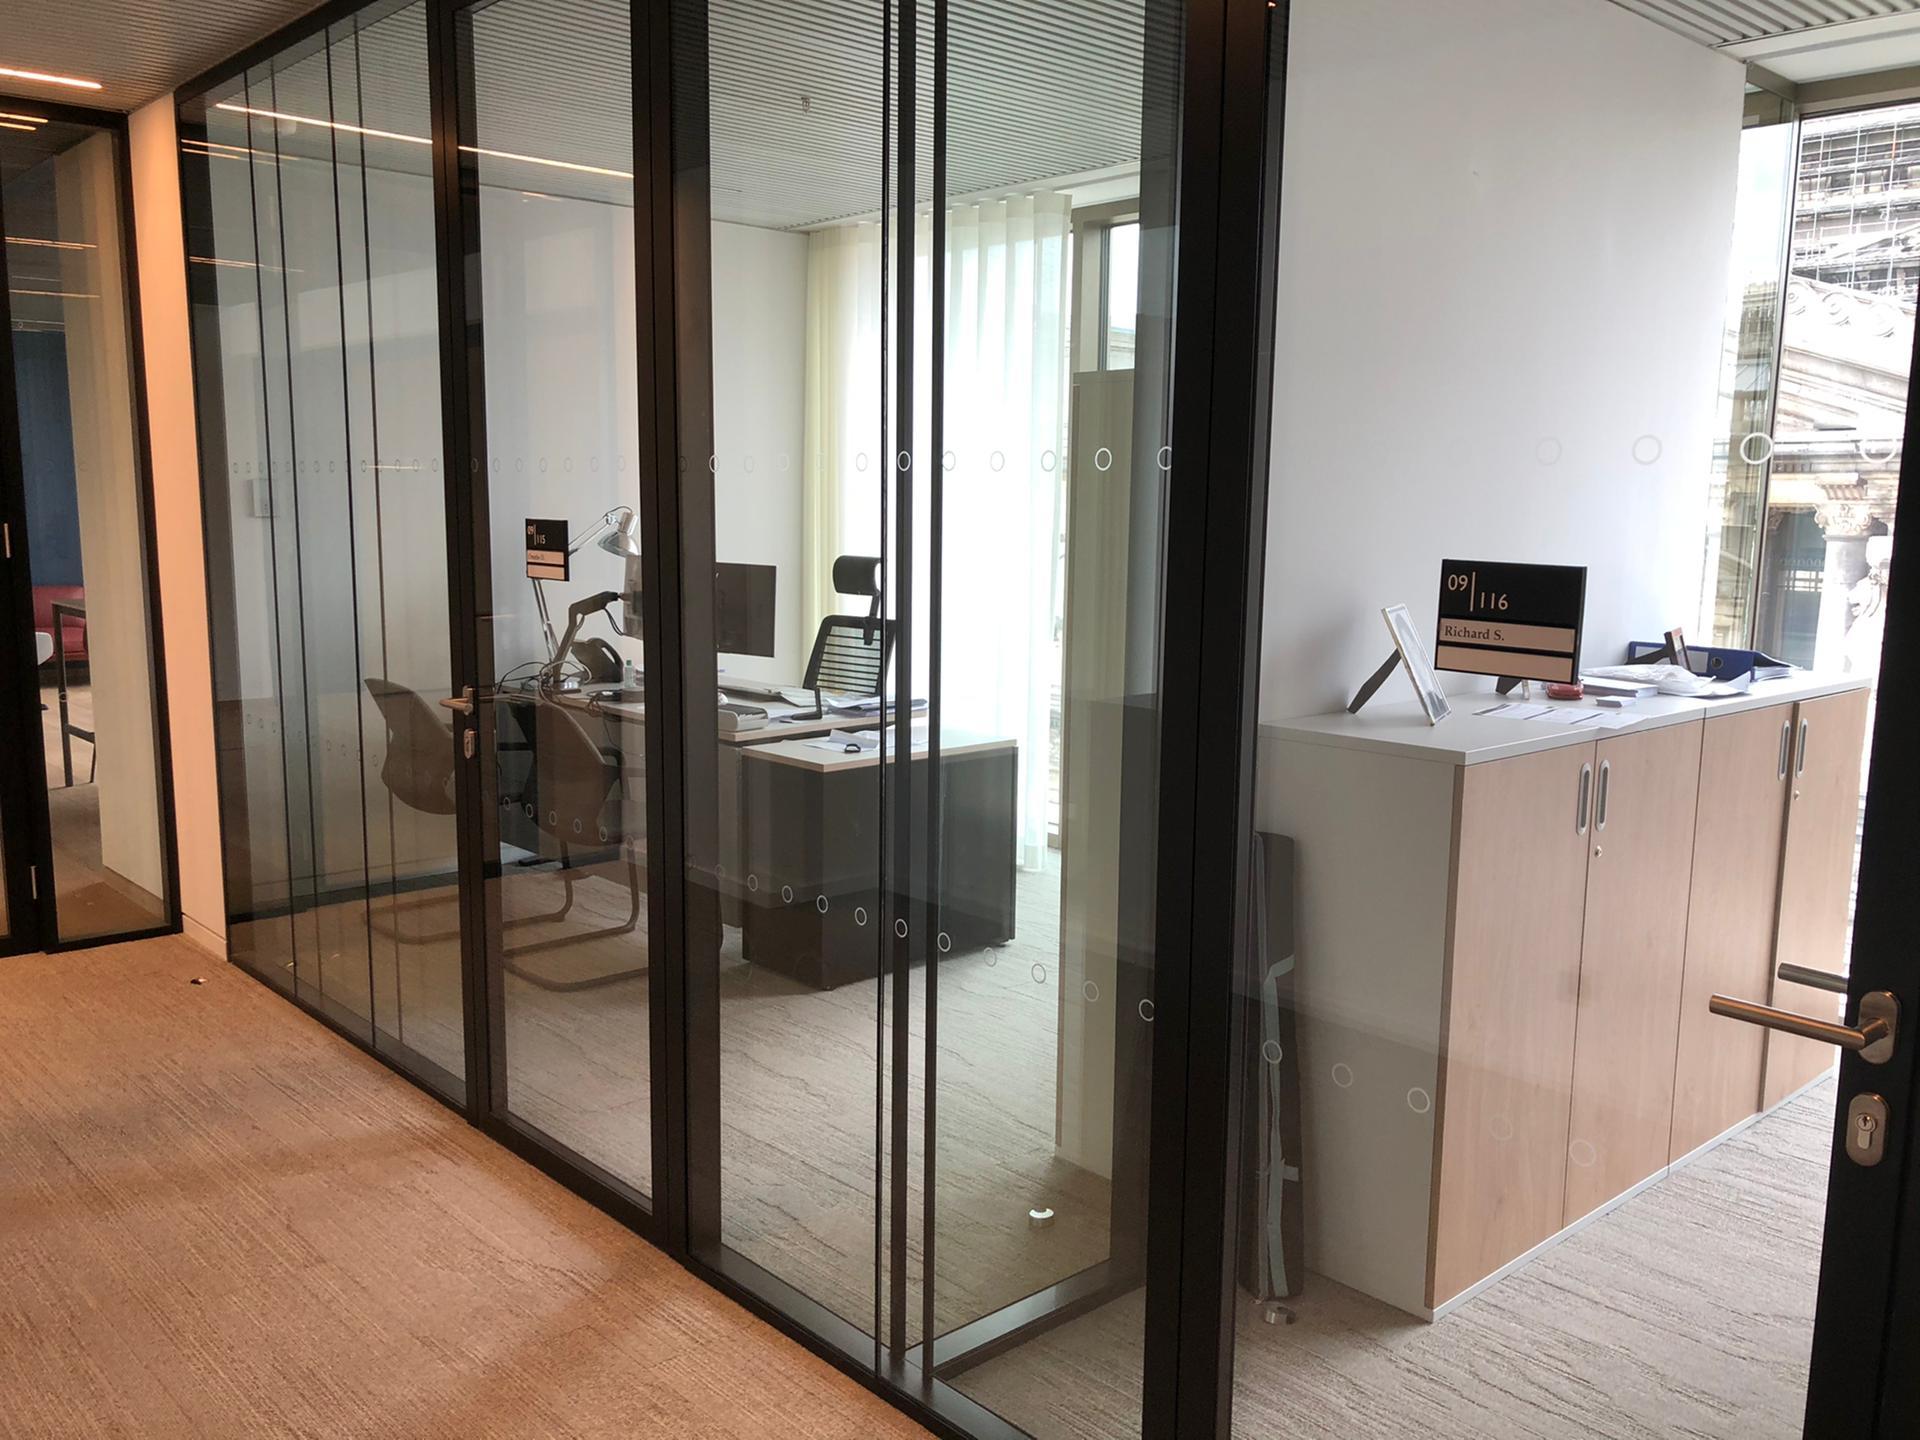 Wayfinding kantoorgebouwen bij Tweed in Brussel, deurnaamborden kantoren, door Actual Sign, member of the Remotec Group